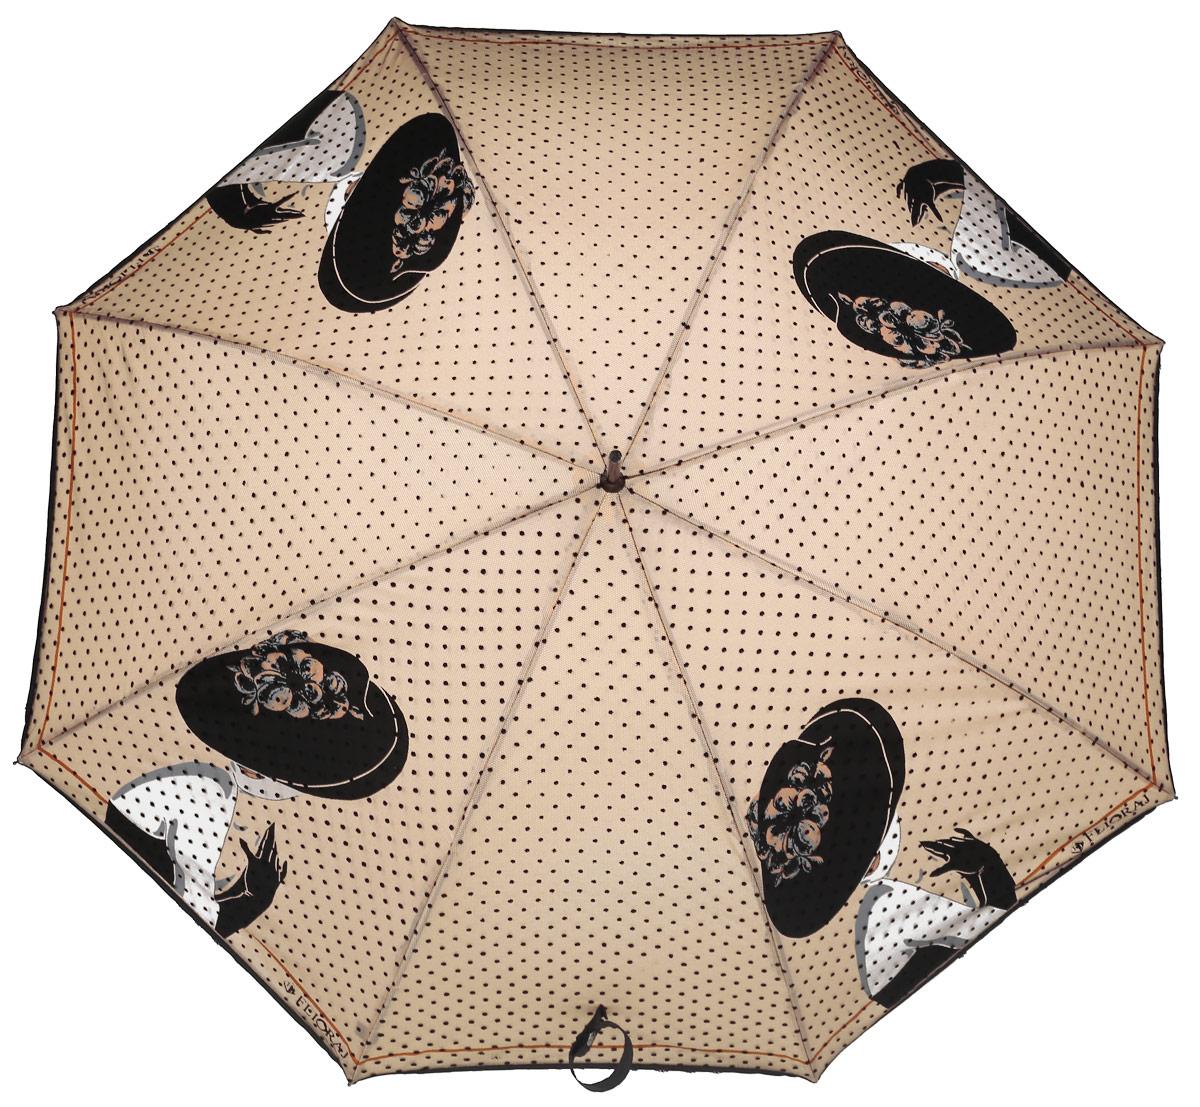 Зонт женский Flioraj, механика, трость, цвет: бежевый, черный. 121201 FJREM12-GREYЭлегантный зонт Flioraj выполнен из высококачественного полиэстера, не пропускающего воду. Уникальный каркас из анодированной стали, карбоновые спицы помогут выдержать натиск ураганного ветра. Улучшенный механизм зонта, максимально комфортная ручка держателя, увеличенный в длину стержень, тефлоновая пропитка материала купола - совершенство конструкции с изысканностью изделия на фоне конкурентоспособной цены.